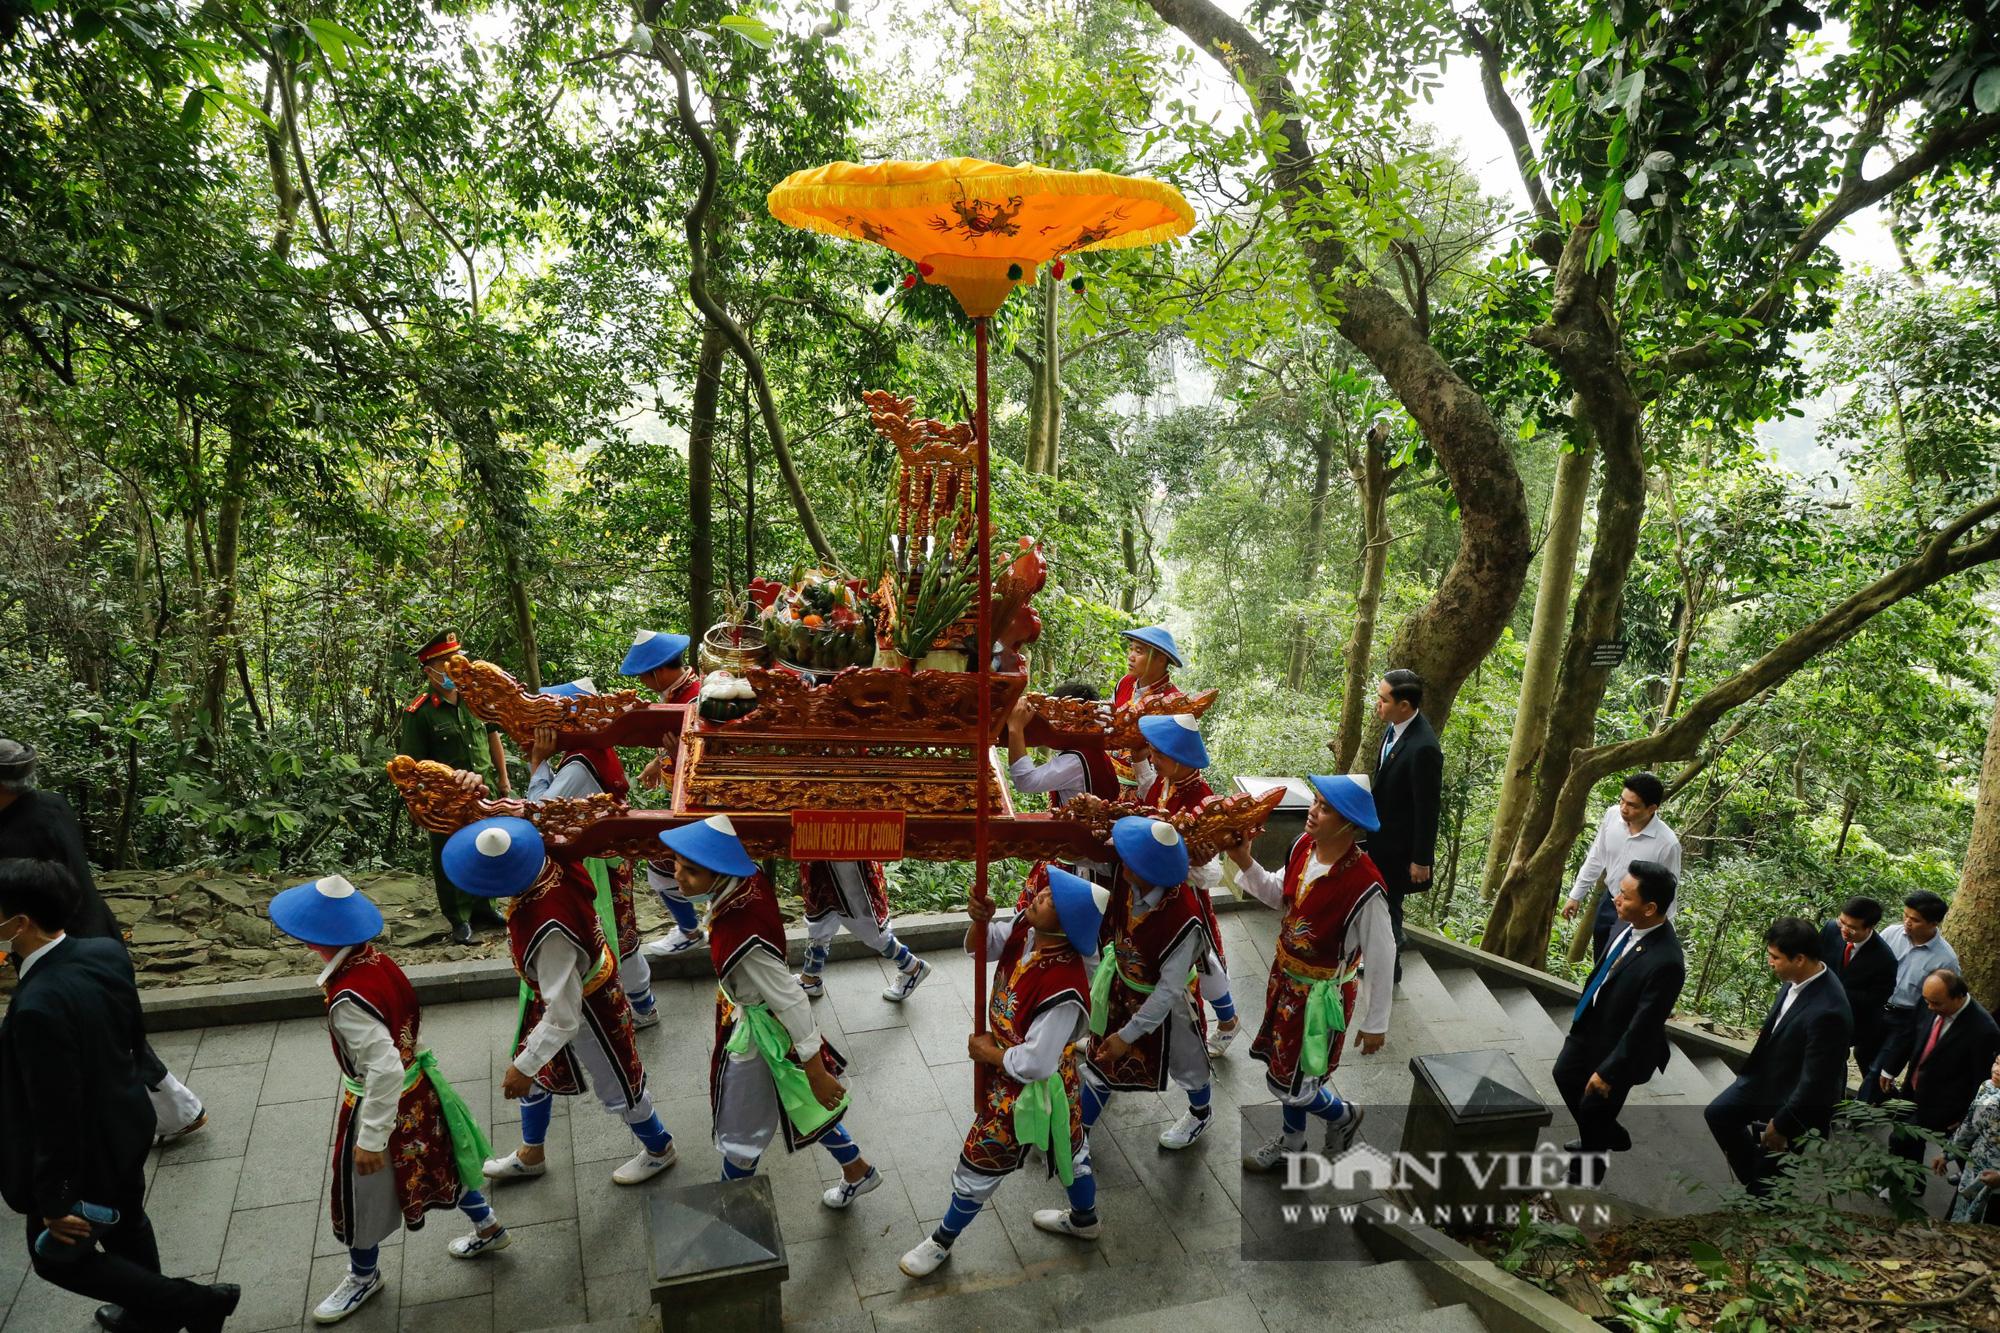 Chủ tịch nước Nguyễn Xuân Phúc dâng hương tưởng nhớ các vua Hùng - Ảnh 3.